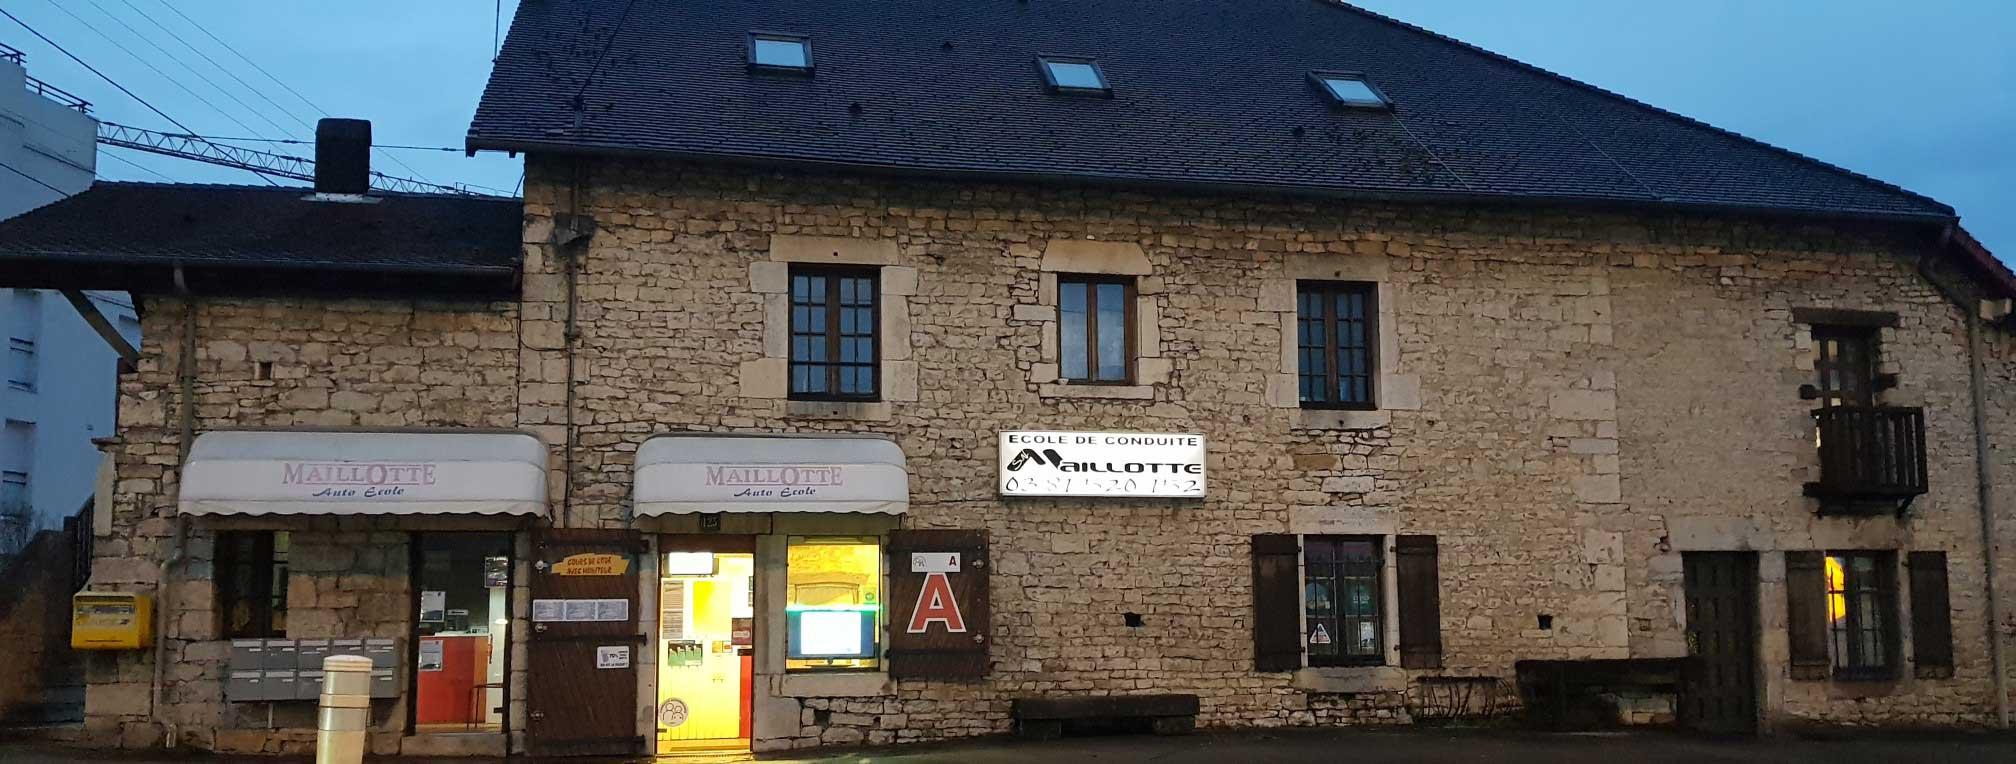 L'auto-école Maillotte, 123 rue de Dole à Besançon [aem_home120051]